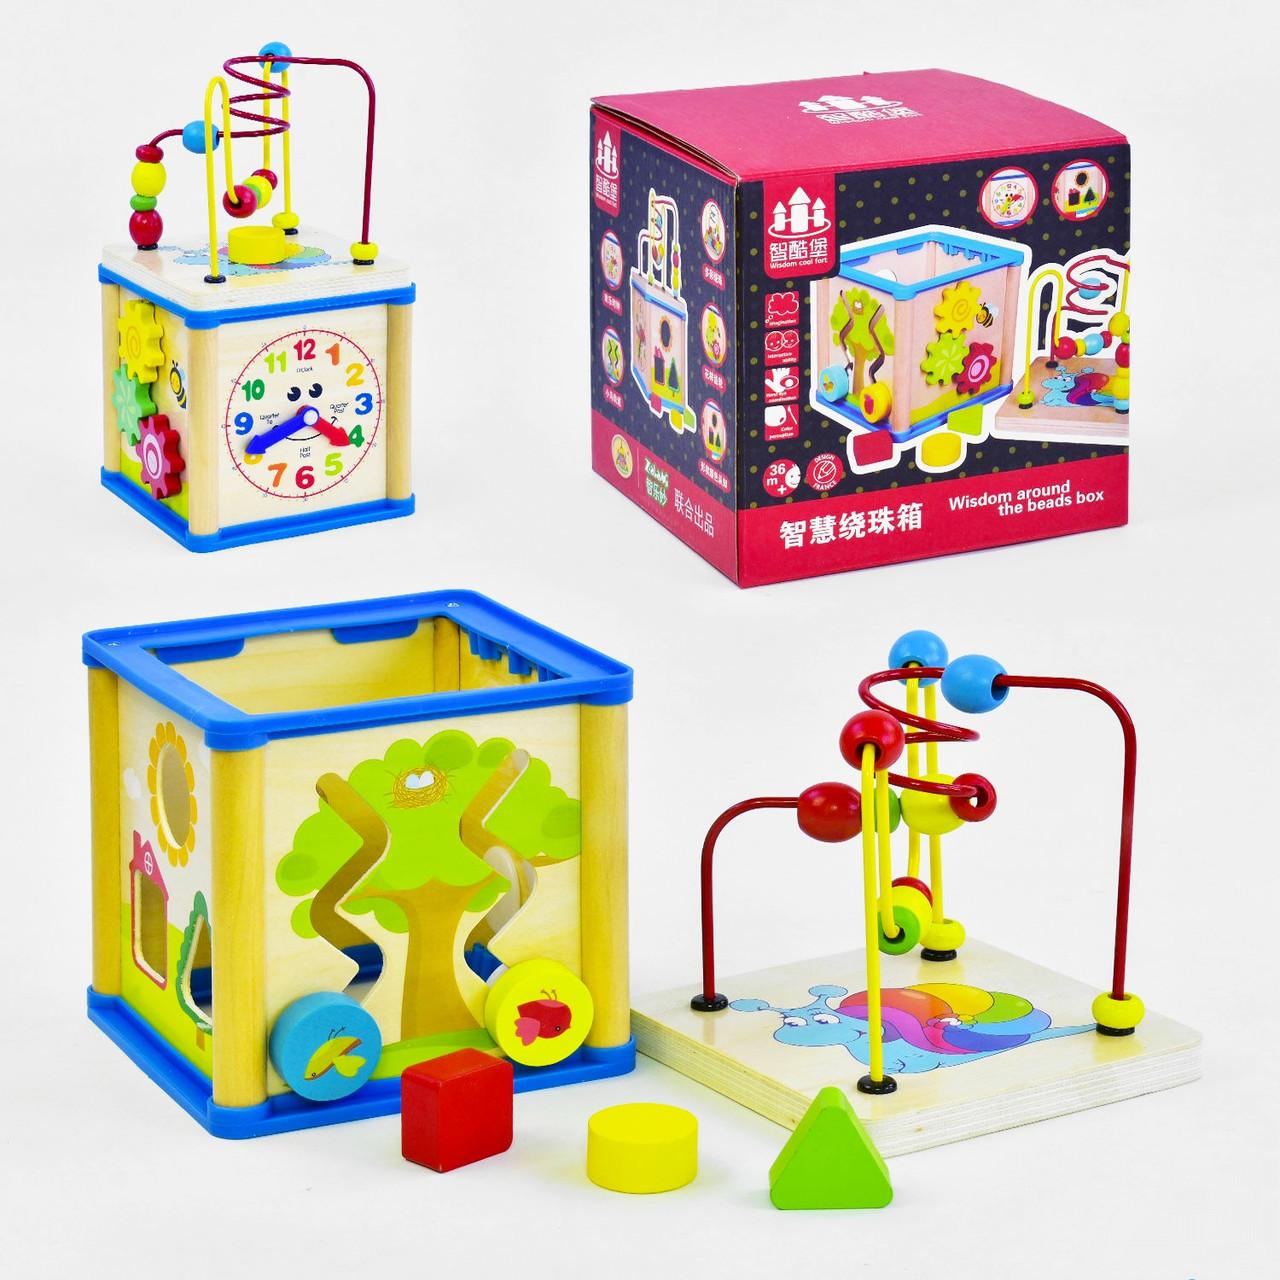 Развивающий детский мини бизиборд - Магазин детских игрушек kidstoys3-16 в Харкові